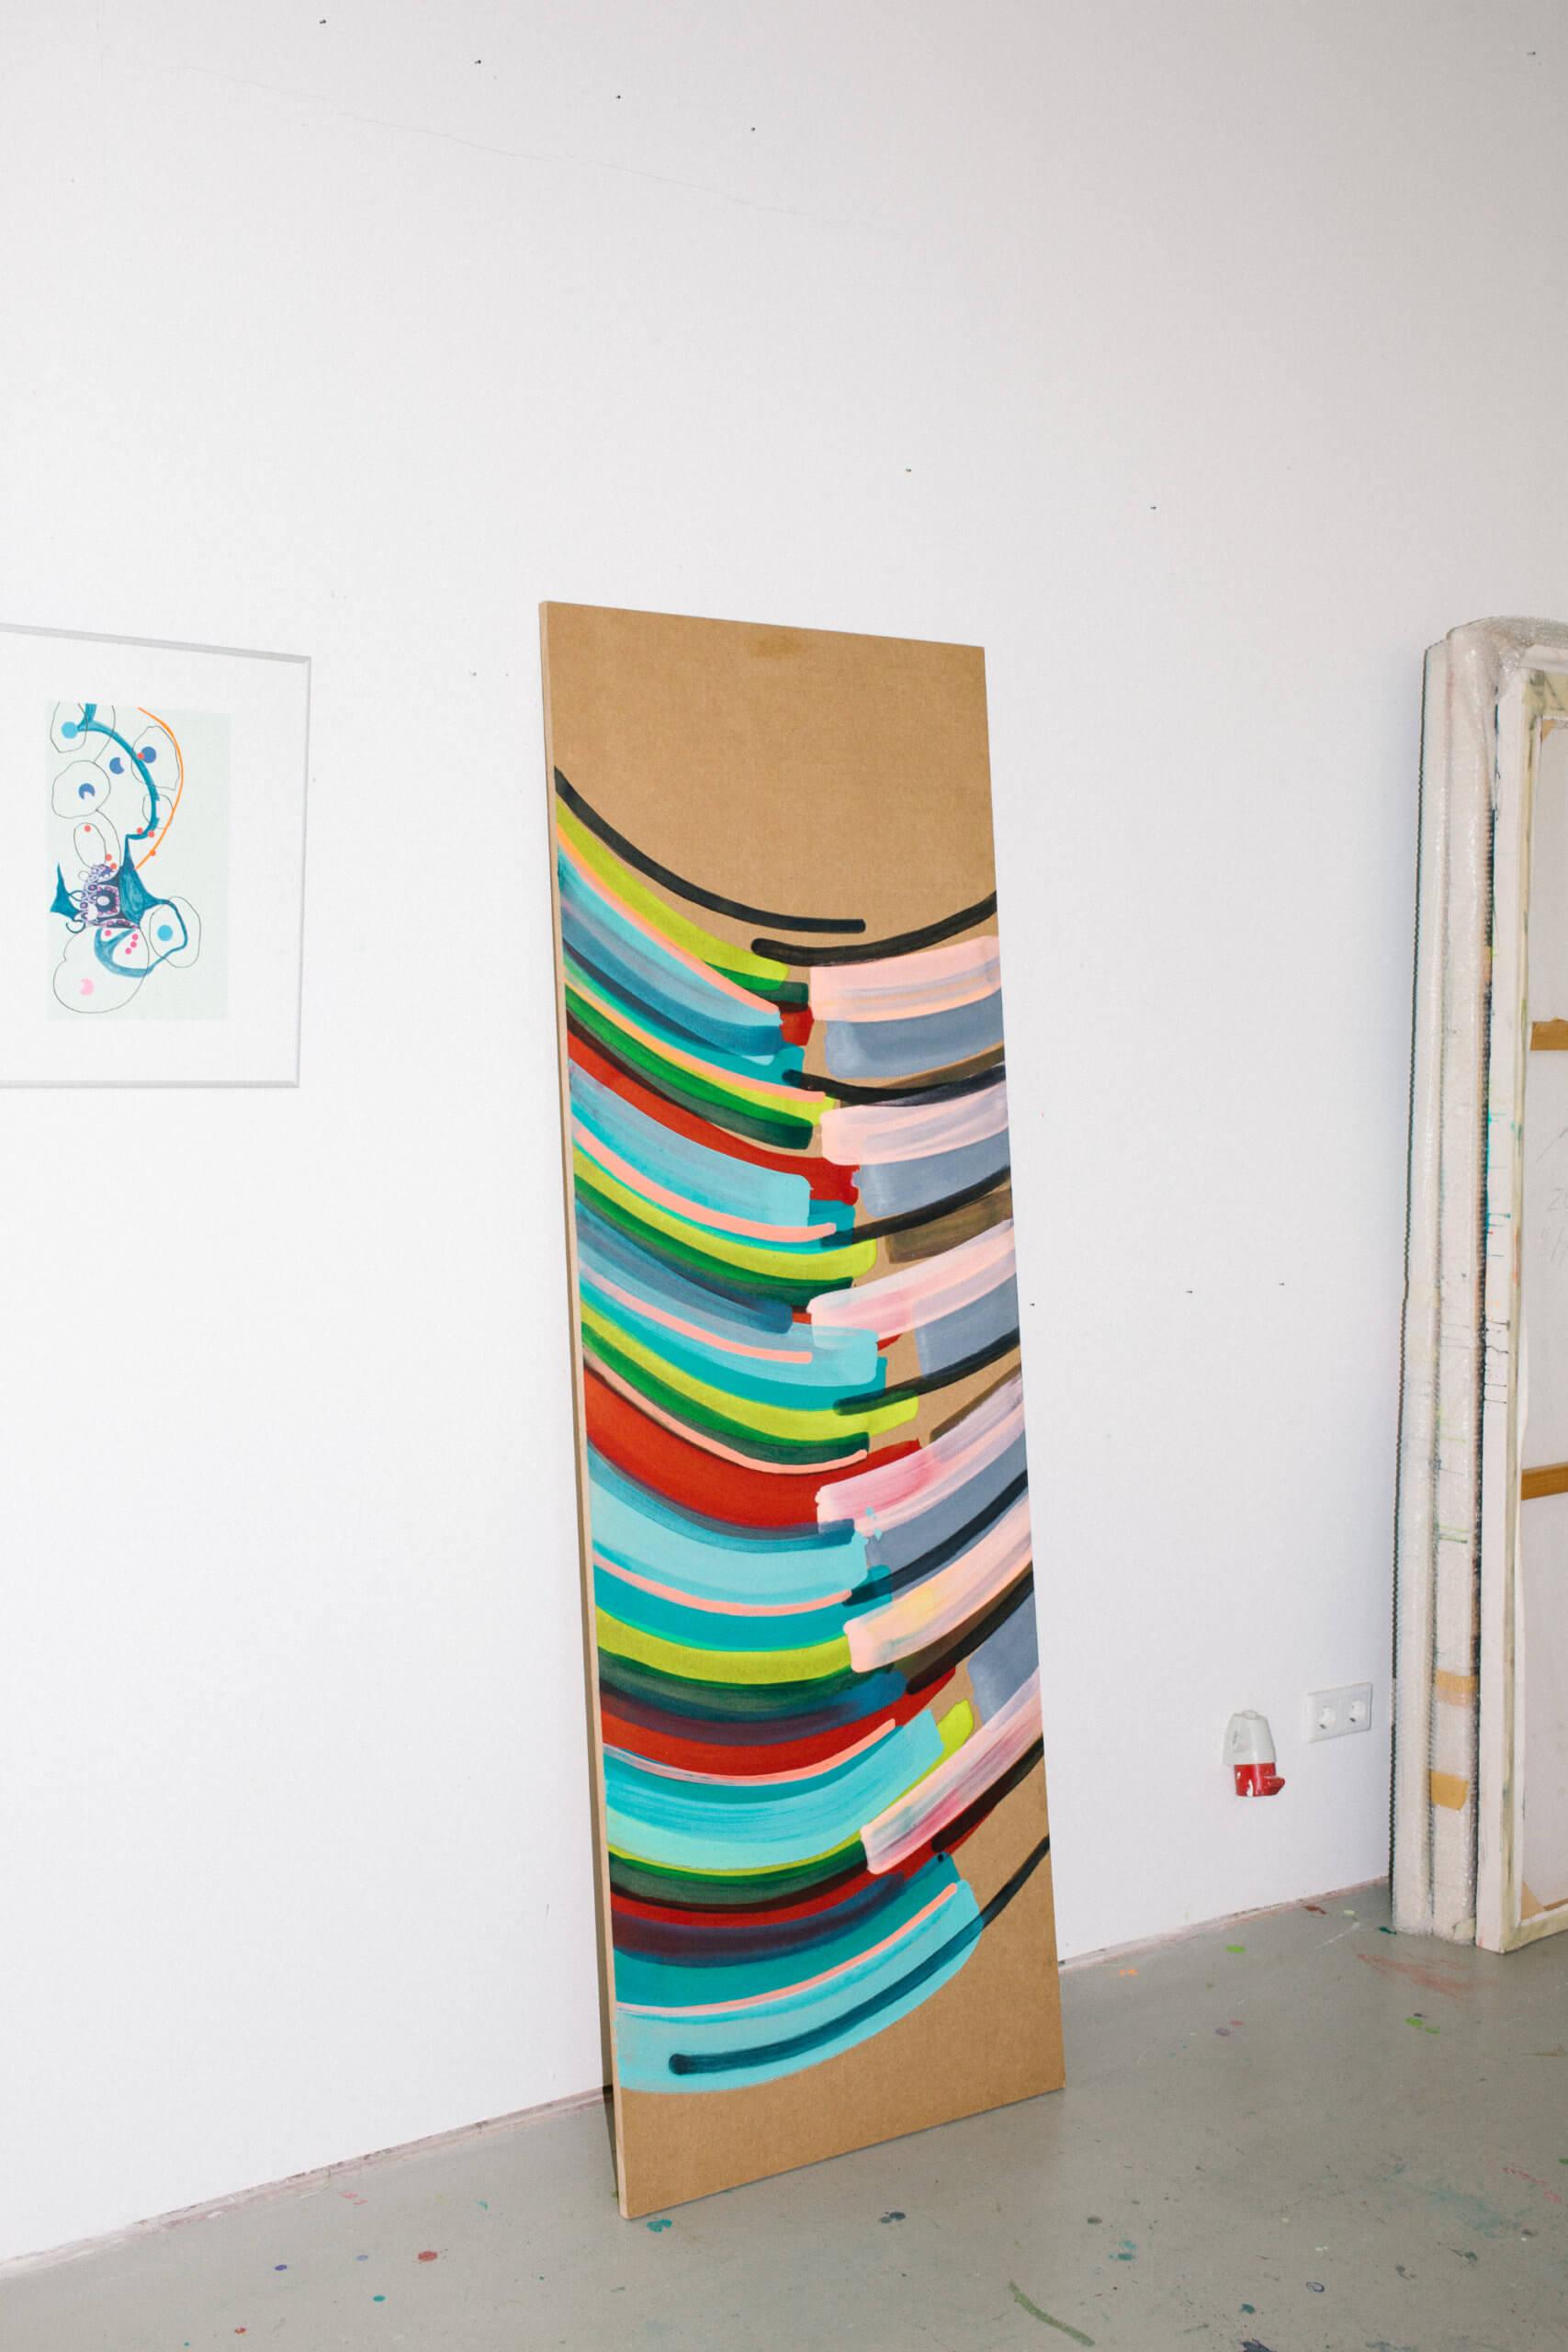 """Das Werk """"Plötzlich ist alles anders"""" von Annegret Hoch lehnt an einer Wand."""